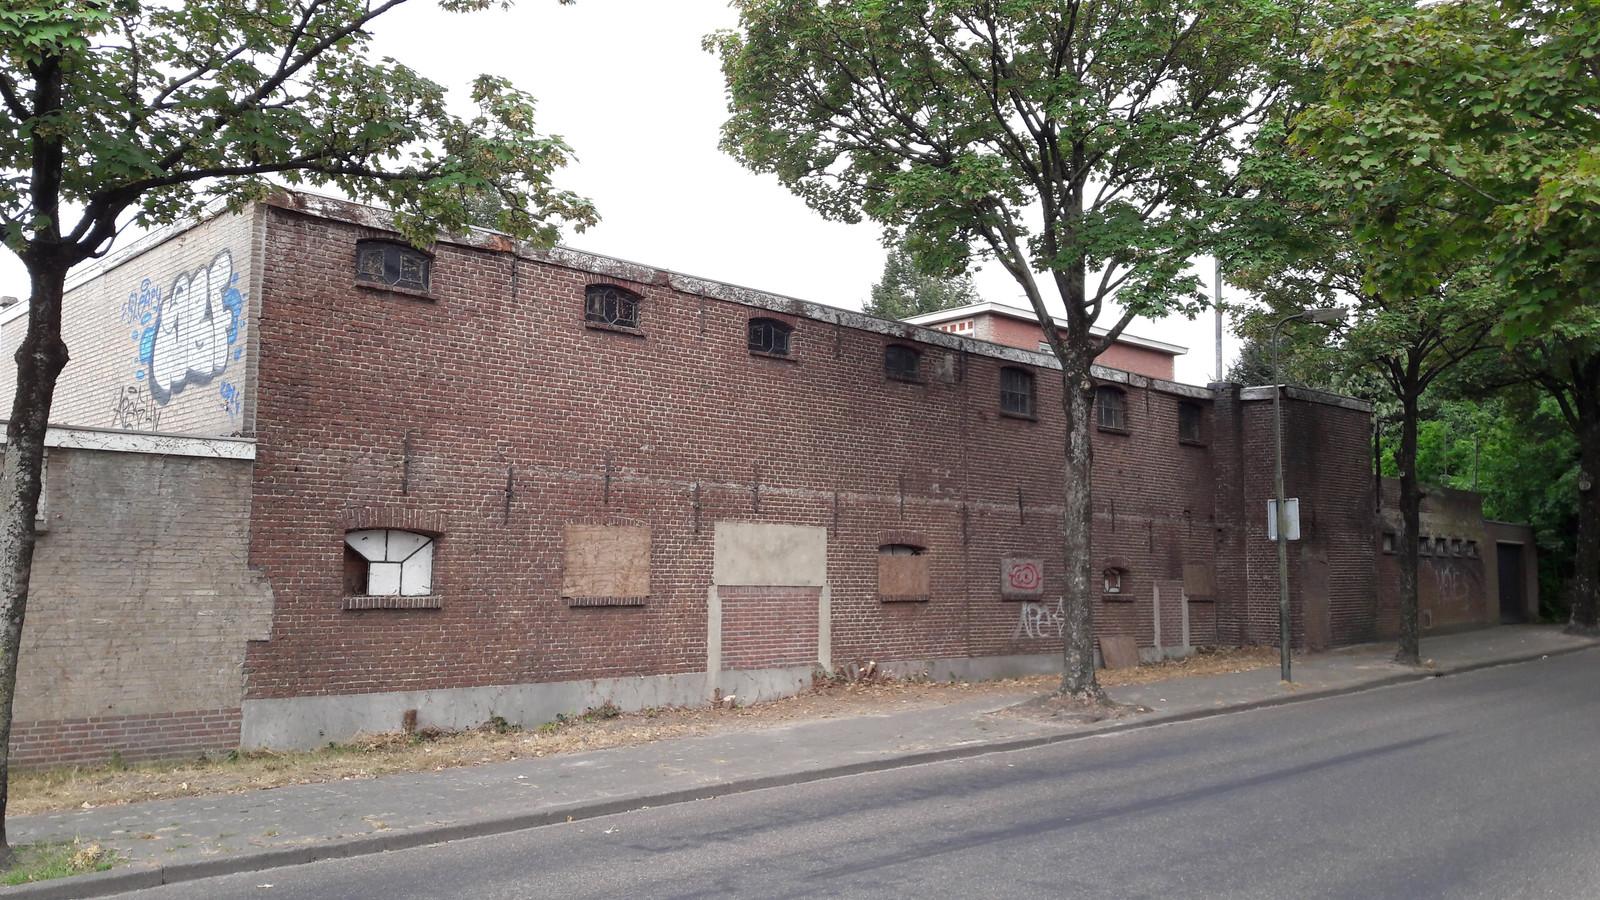 De oude kartonnagefabriek langs de Baerdijk in Oisterwijk staat heel deze eeuw al te verpauperen.